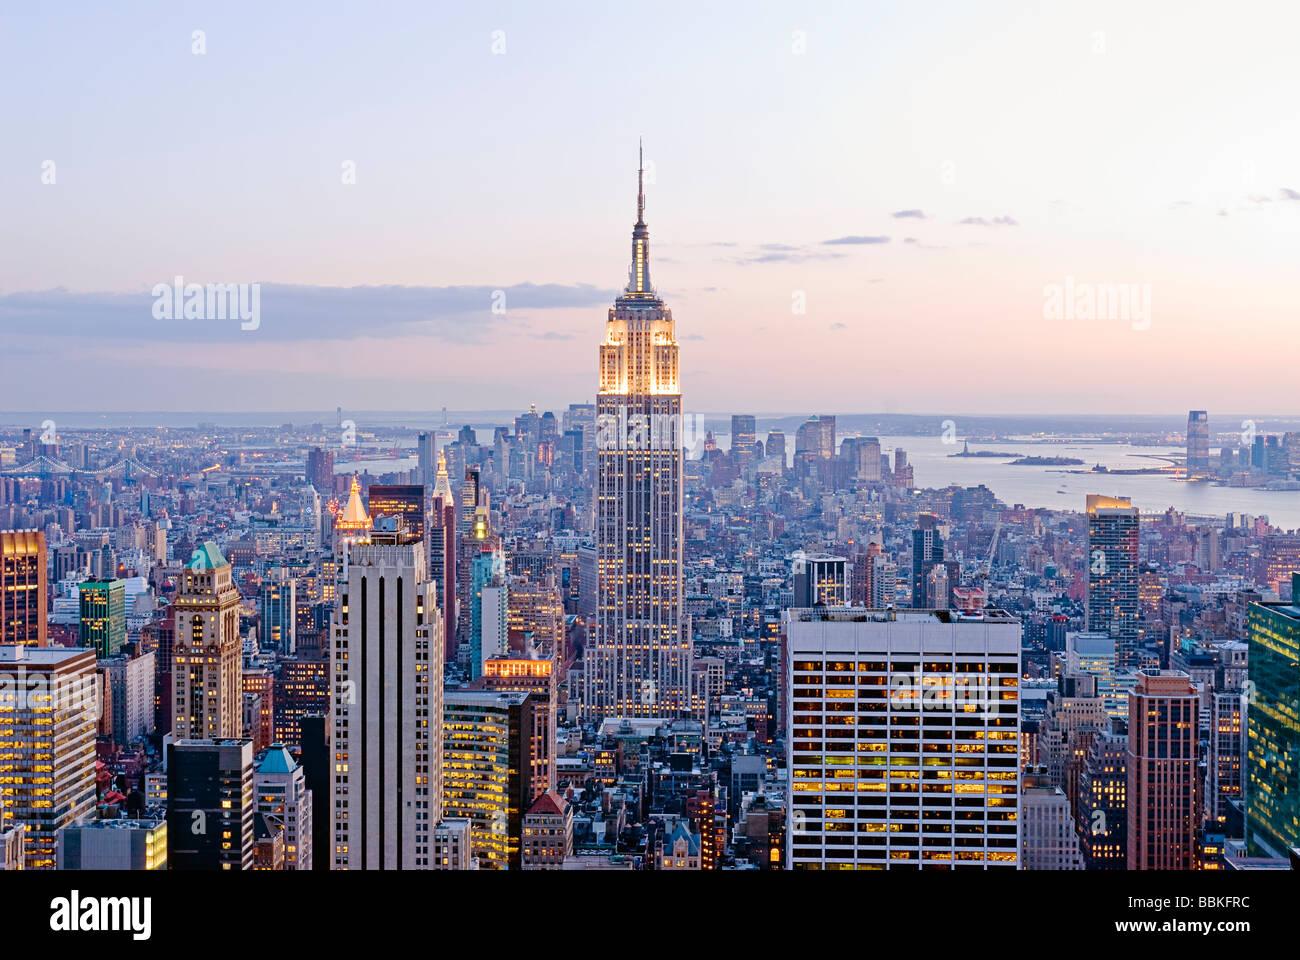 Blick auf die Skyline von Manhattan mit Empire State Building, New York City. Stockbild